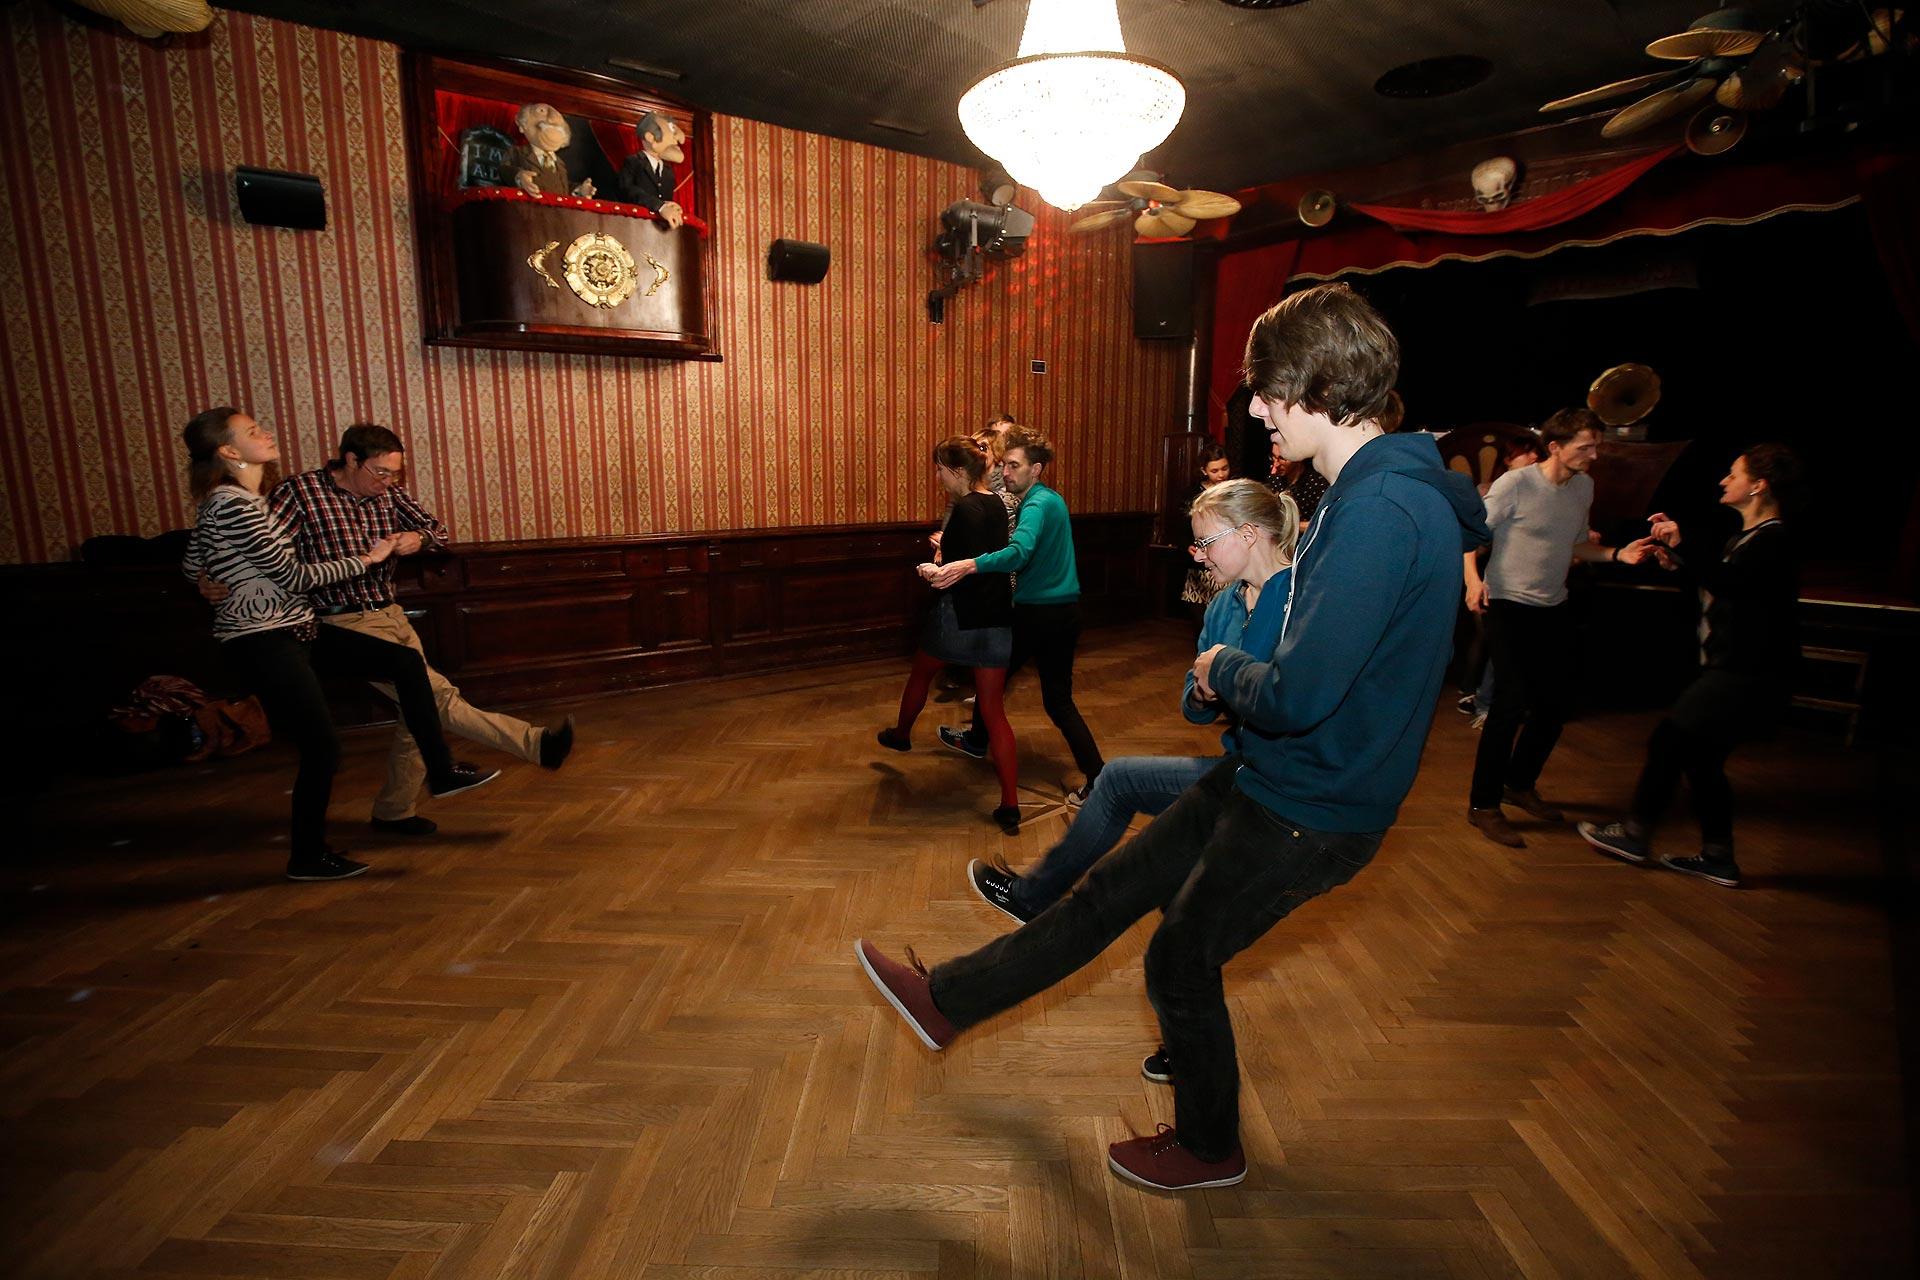 Die Tanzvereine Swingin' L.E. und die Swing Connection Leipzig trainieren im Ballrrom.